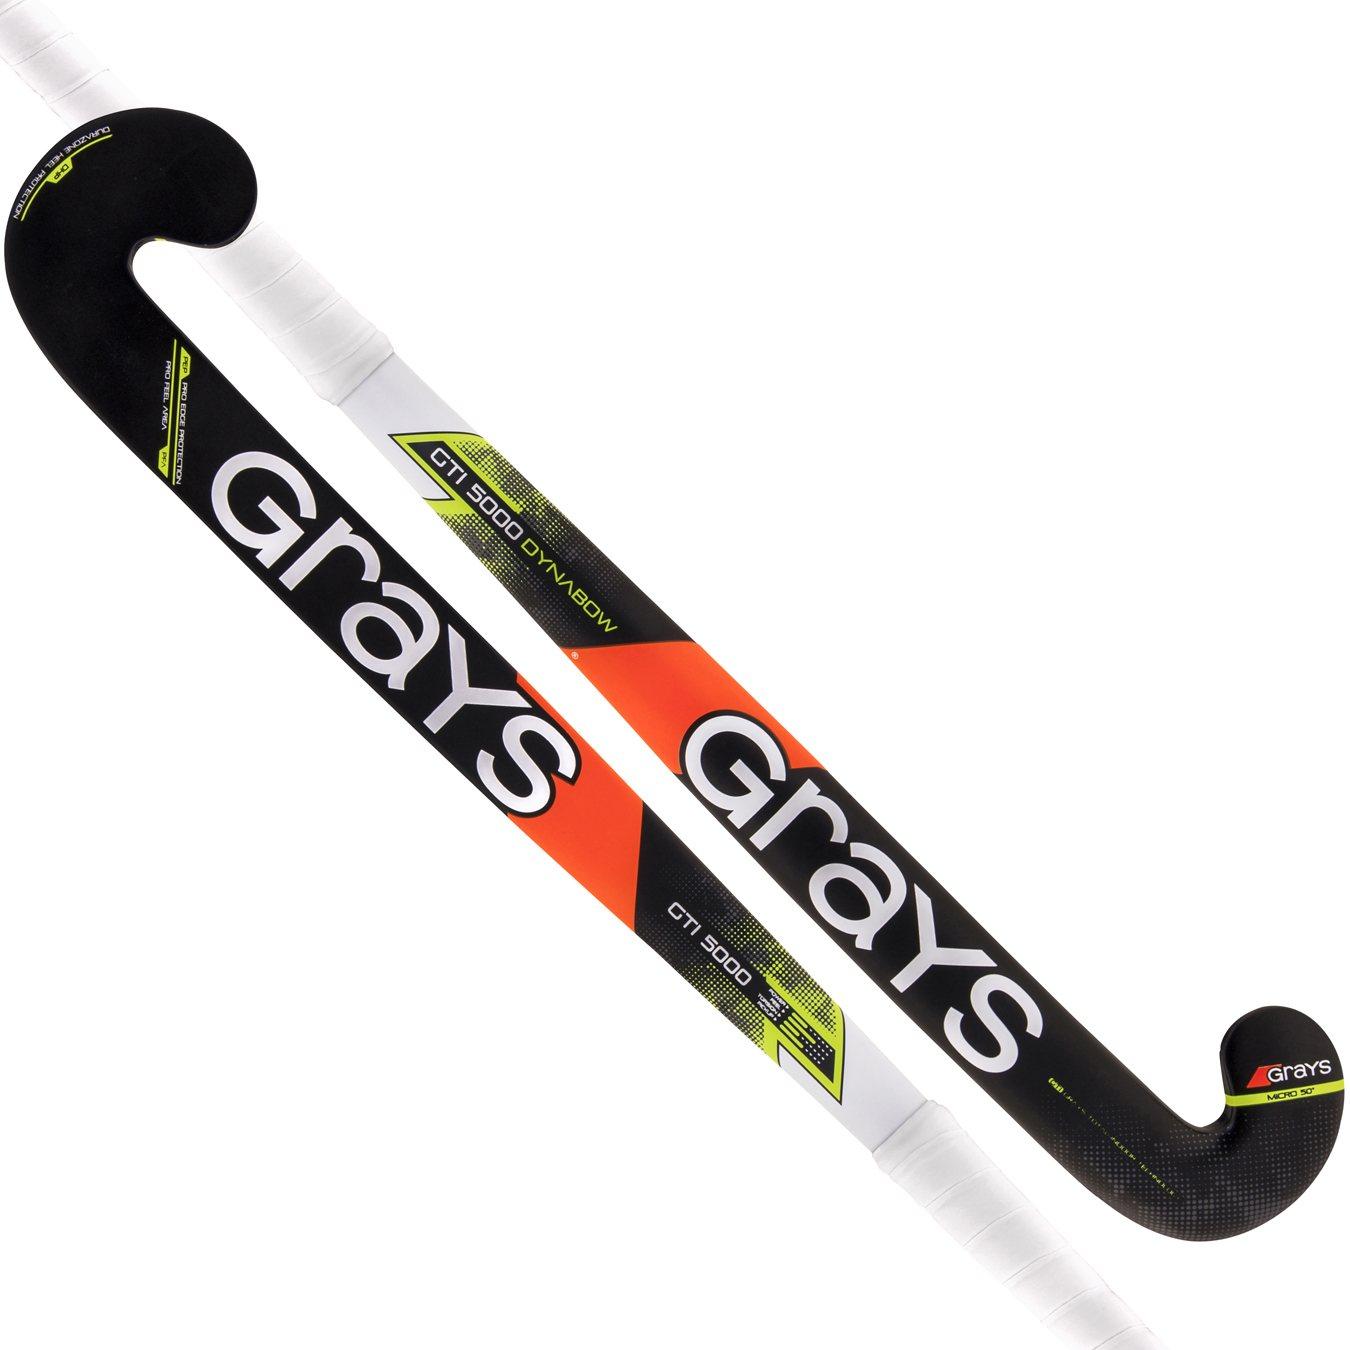 Grays GTI5000 DYNABOW 36,5 LIGHT